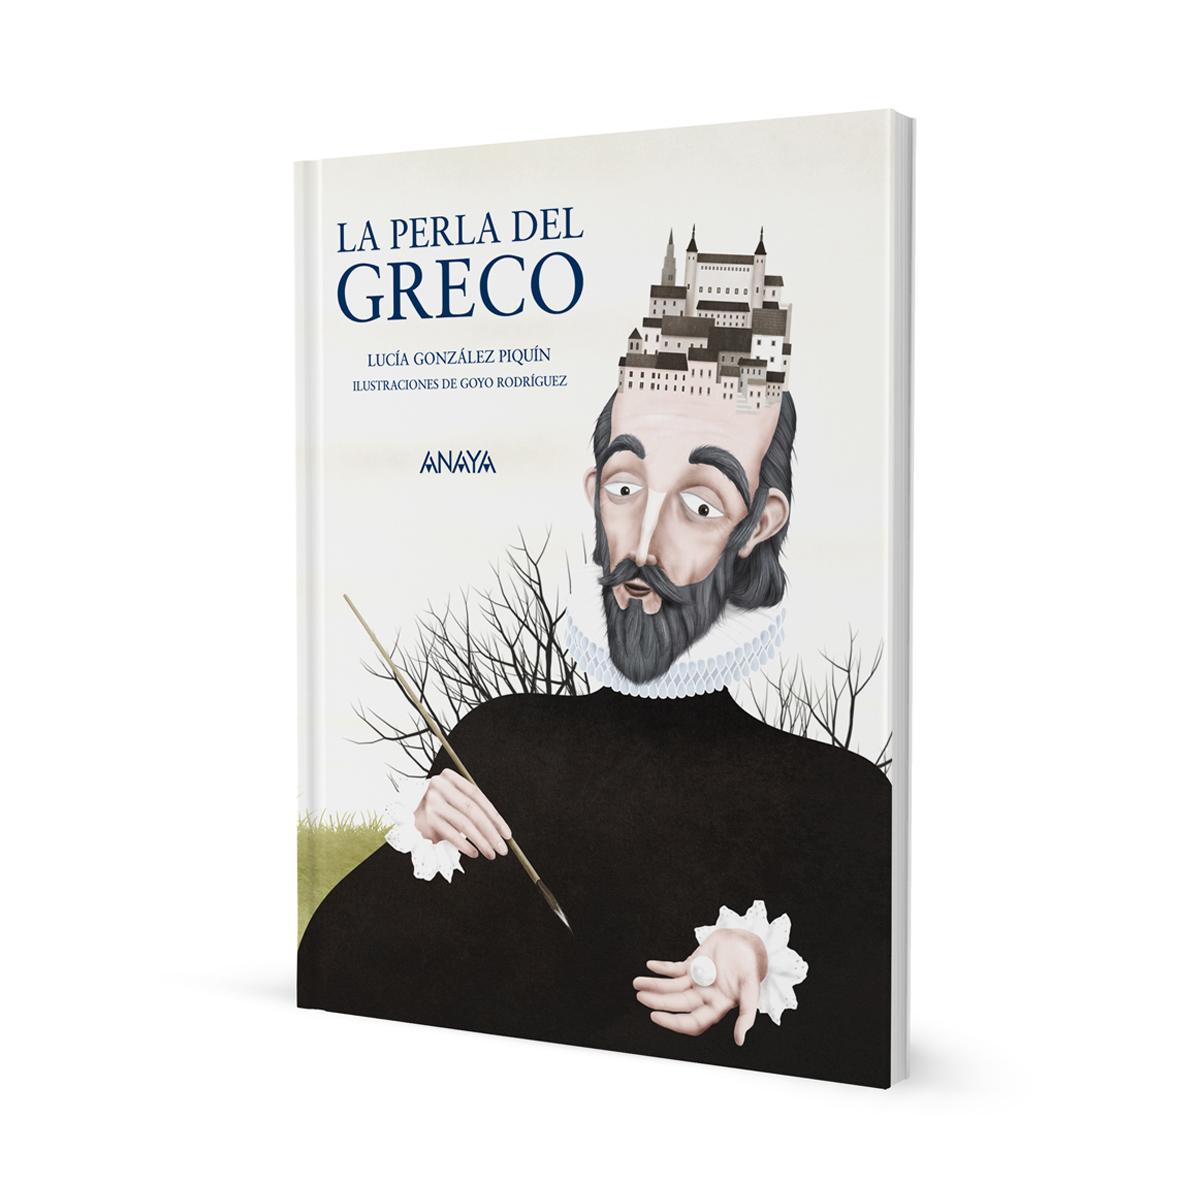 La Perla del Greco. Portada Libro infantil ilustraciones Goyo Rodríguez.